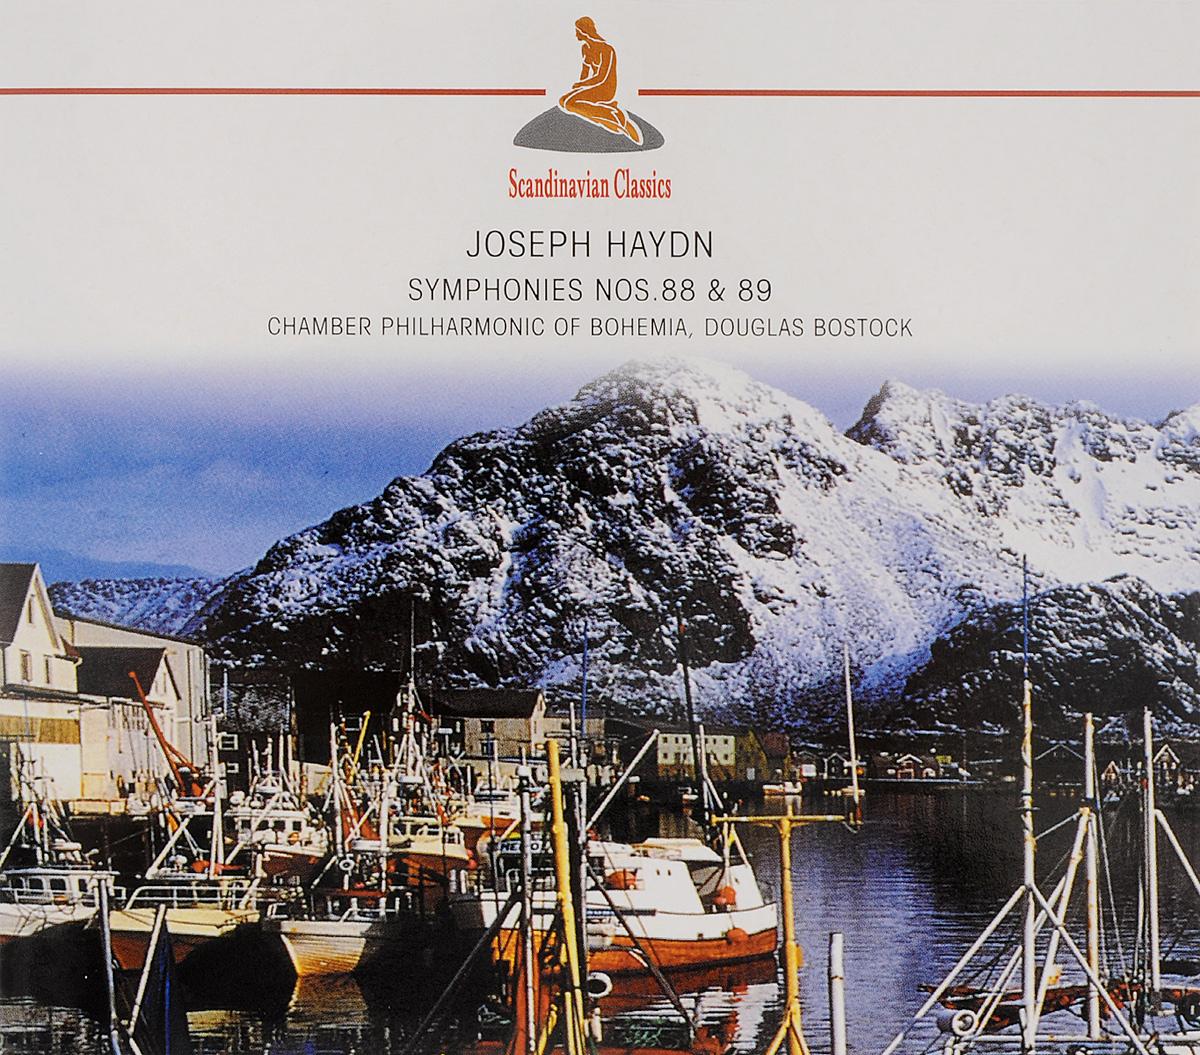 Дуглас Босток,Chamber Philharmonic Of Bohemia Scandinavian Classics. Douglas Bostock, Chamber Philharmonic Of Bohemia. Joseph Haydn. Symphonies Nos. 88 & 89